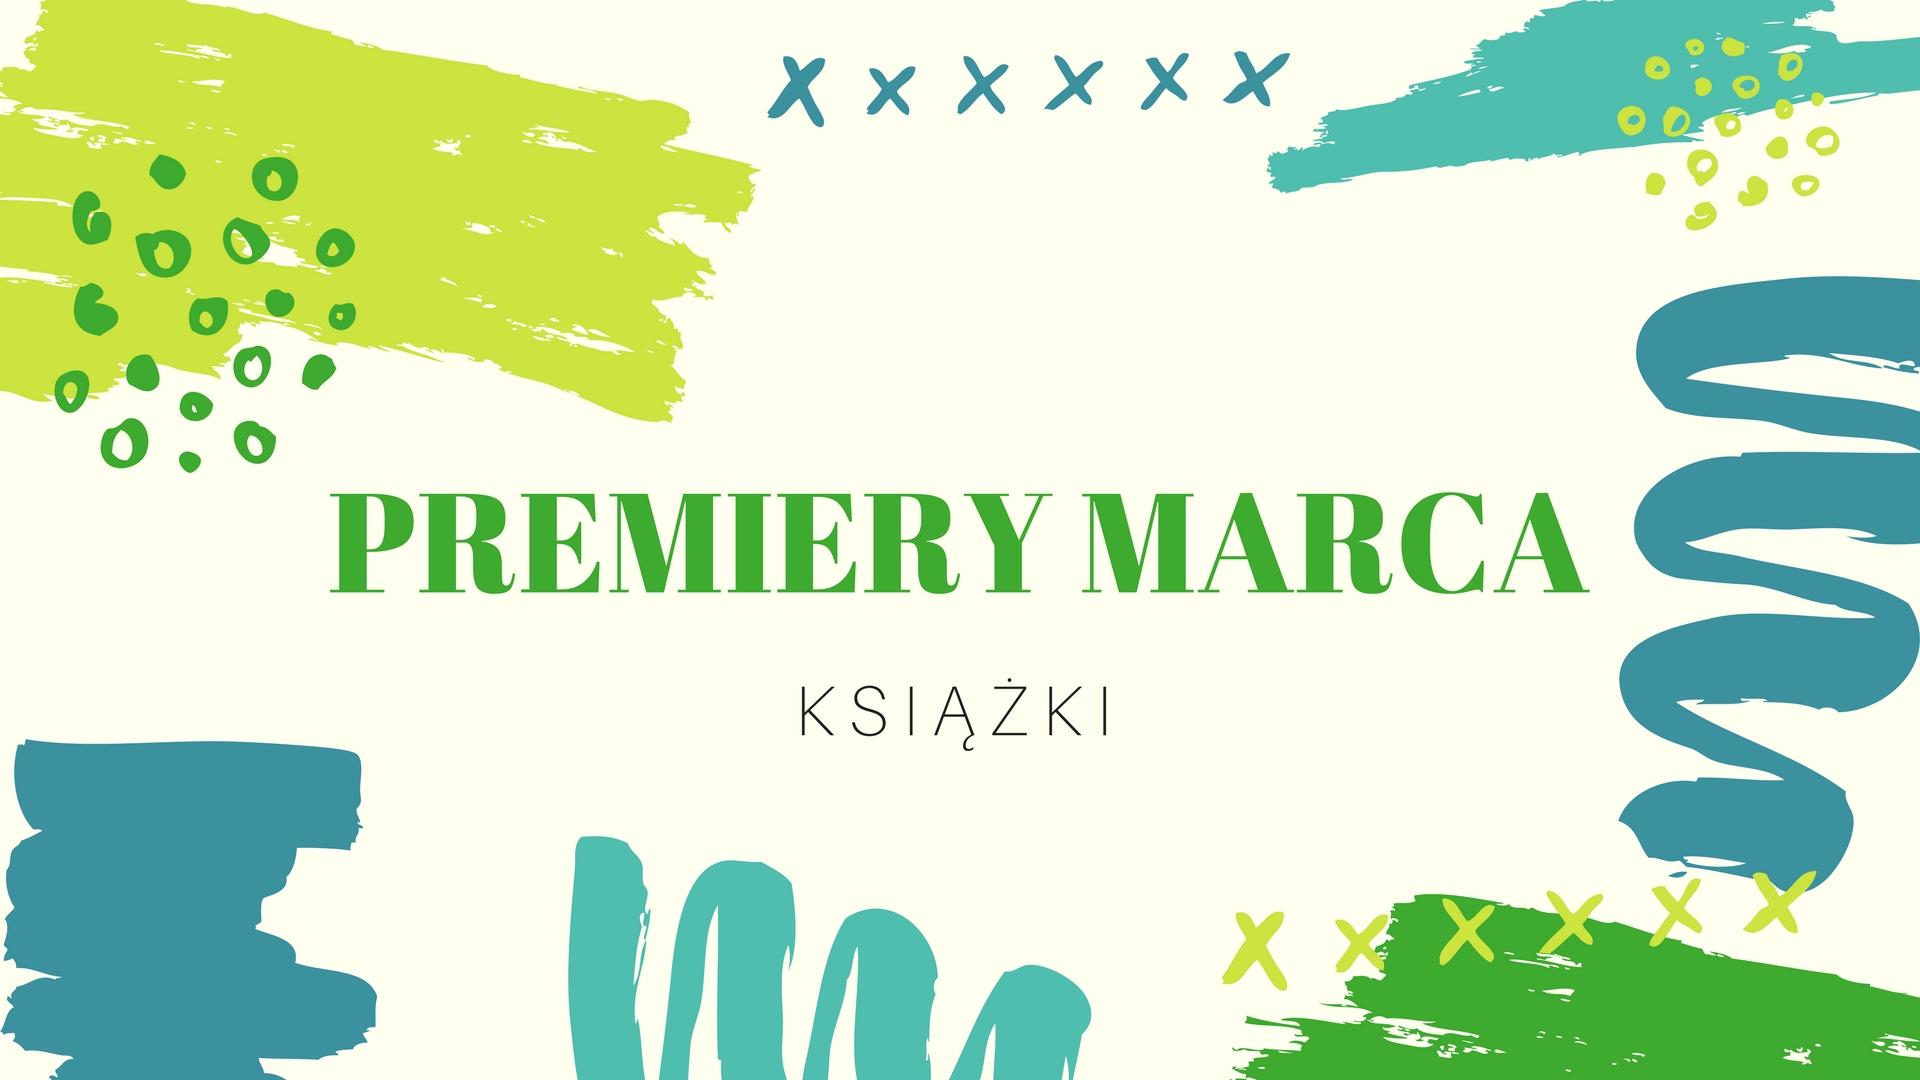 Premiery marca. Książki